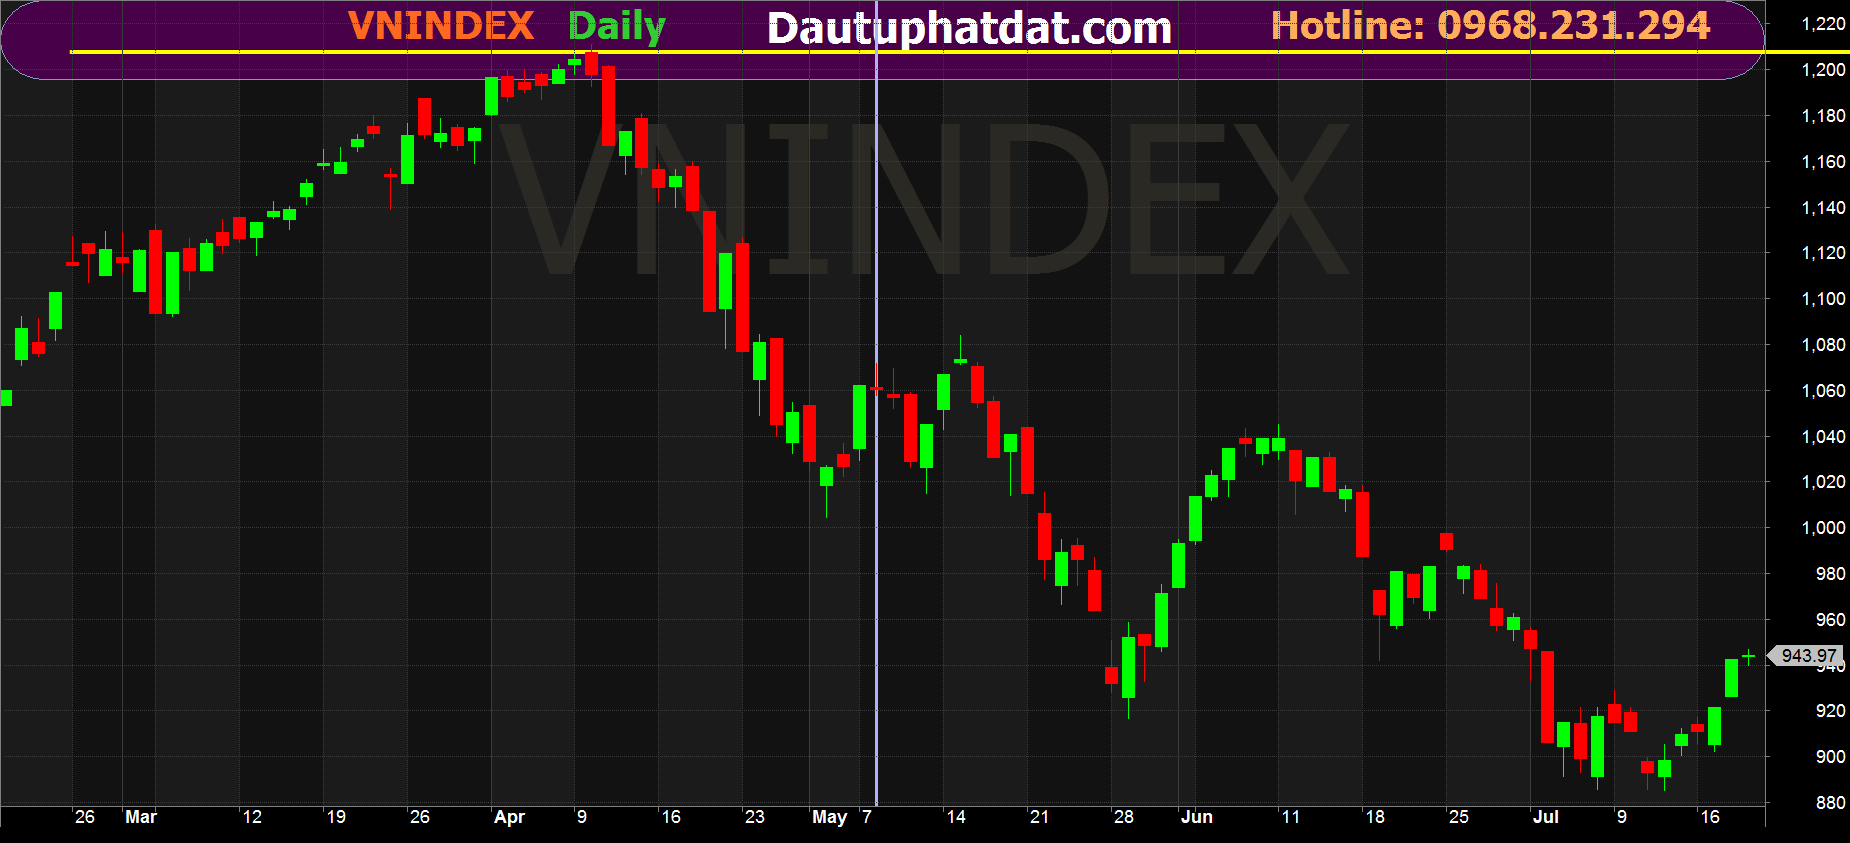 Biểu đồ Vnindex